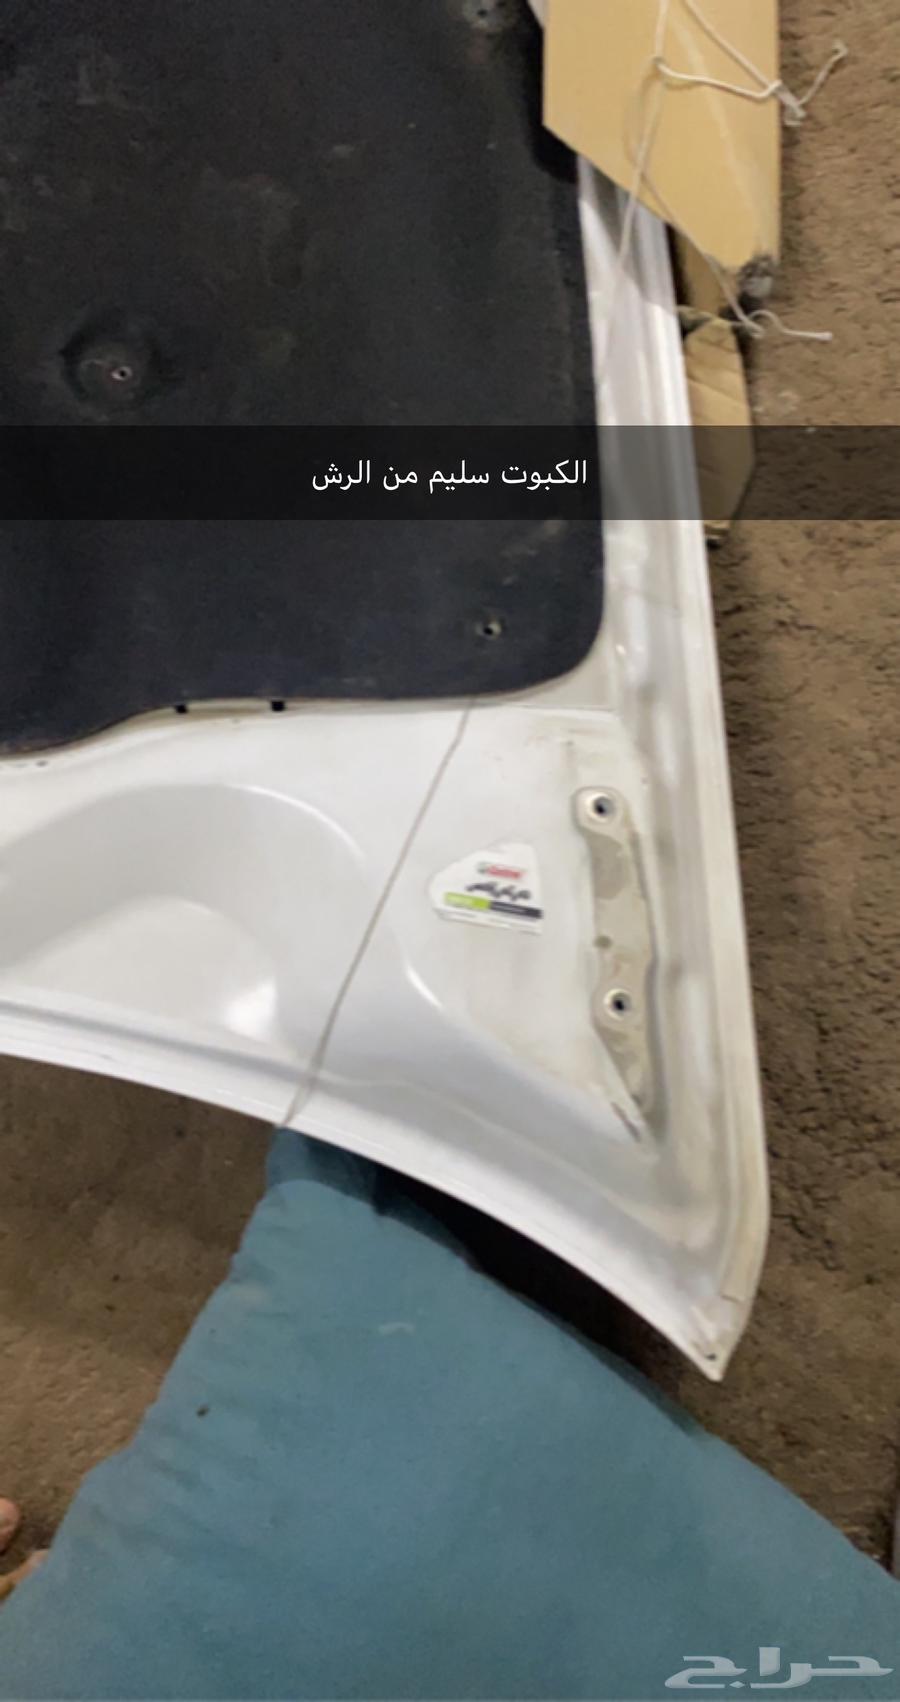 قطع لدودج تشارجر من 2015وفوق